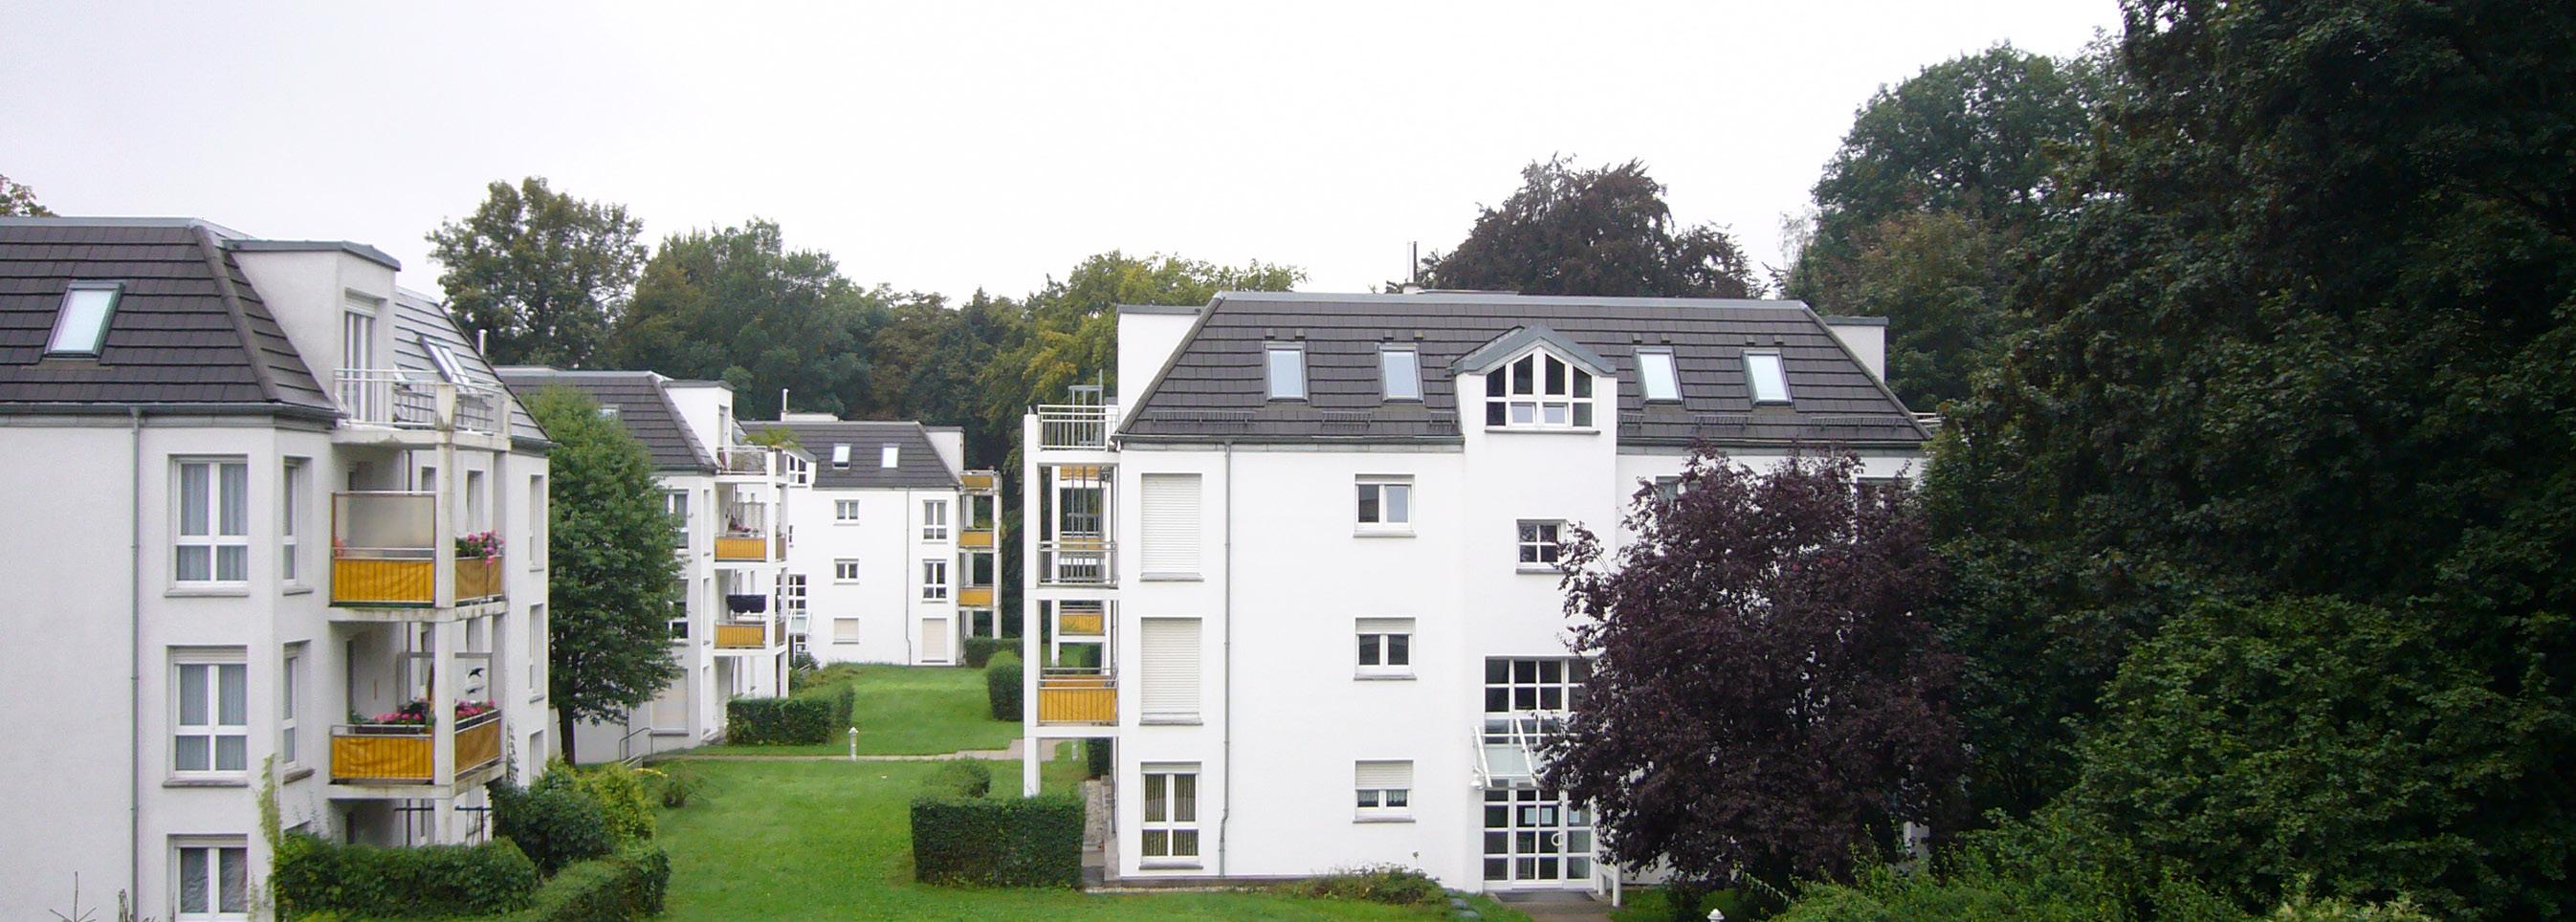 1-Zimmer-Wohnung – Beckerstraße 36, Chemnitz